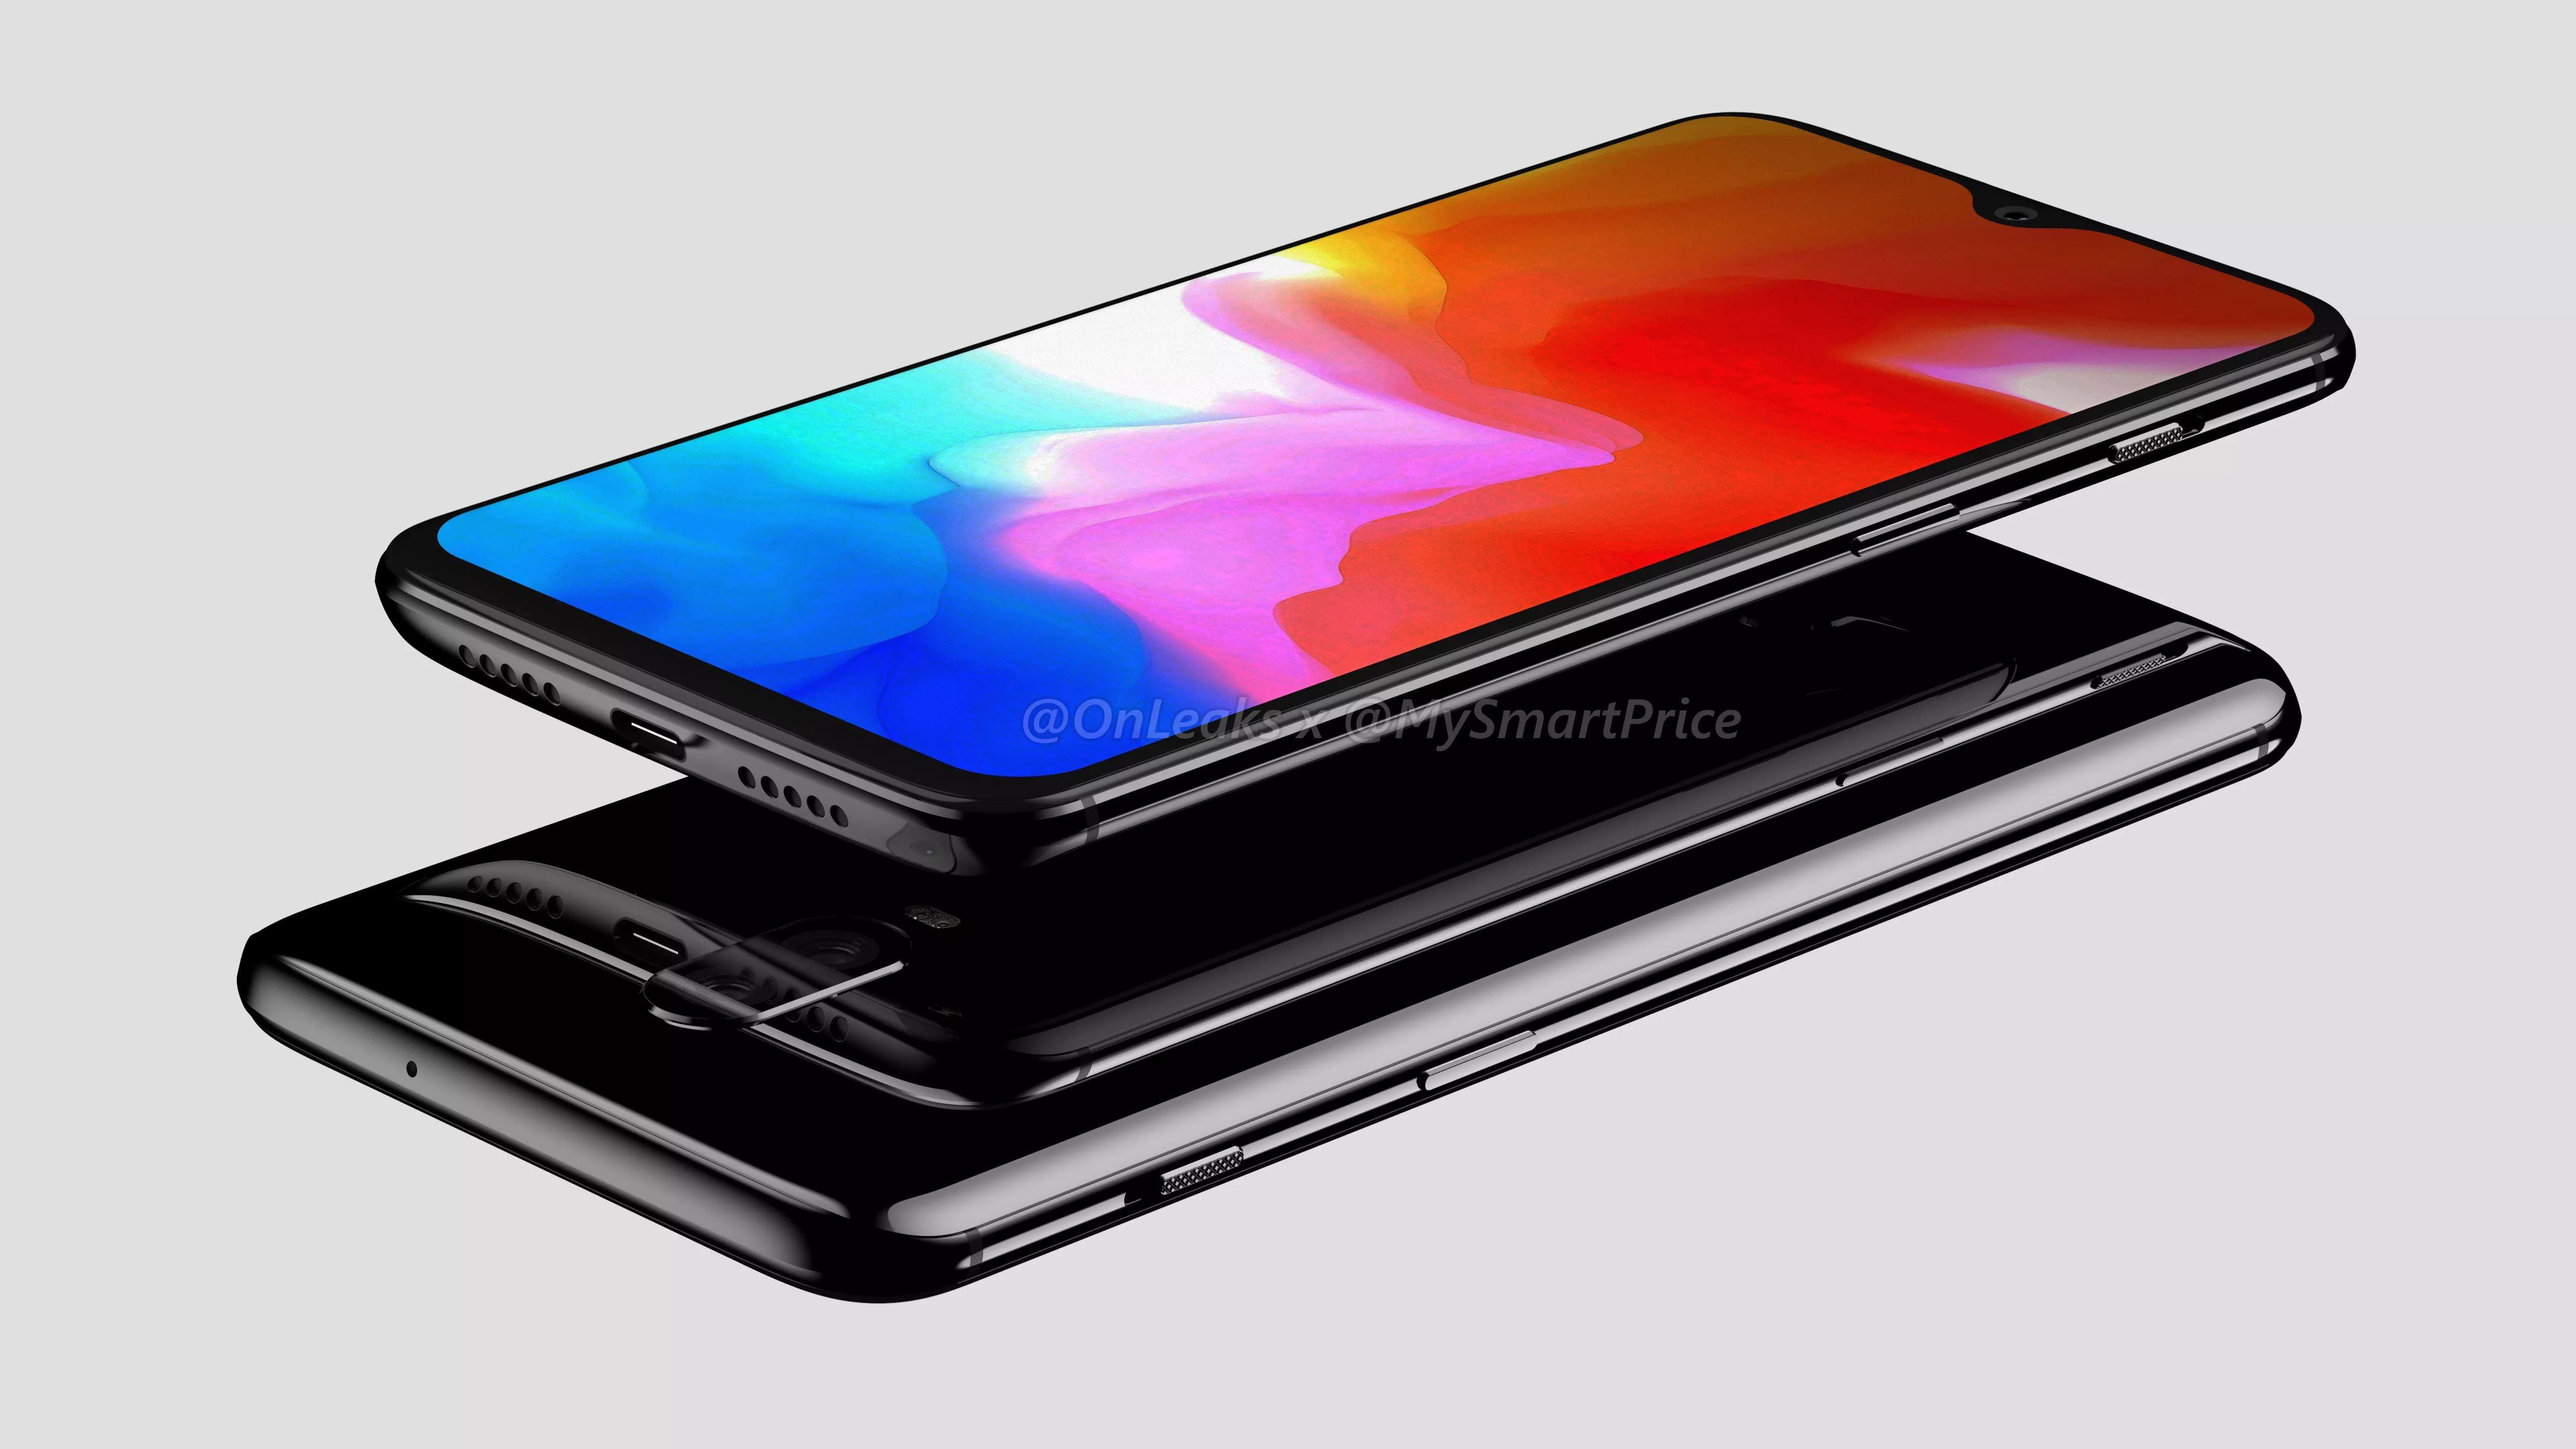 Tabletowo.pl Oto pełna specyfikacja OnePlus 6T. Czy smartfon może nas czymś jeszcze zaskoczyć? Android OnePlus Plotki / Przecieki Smartfony